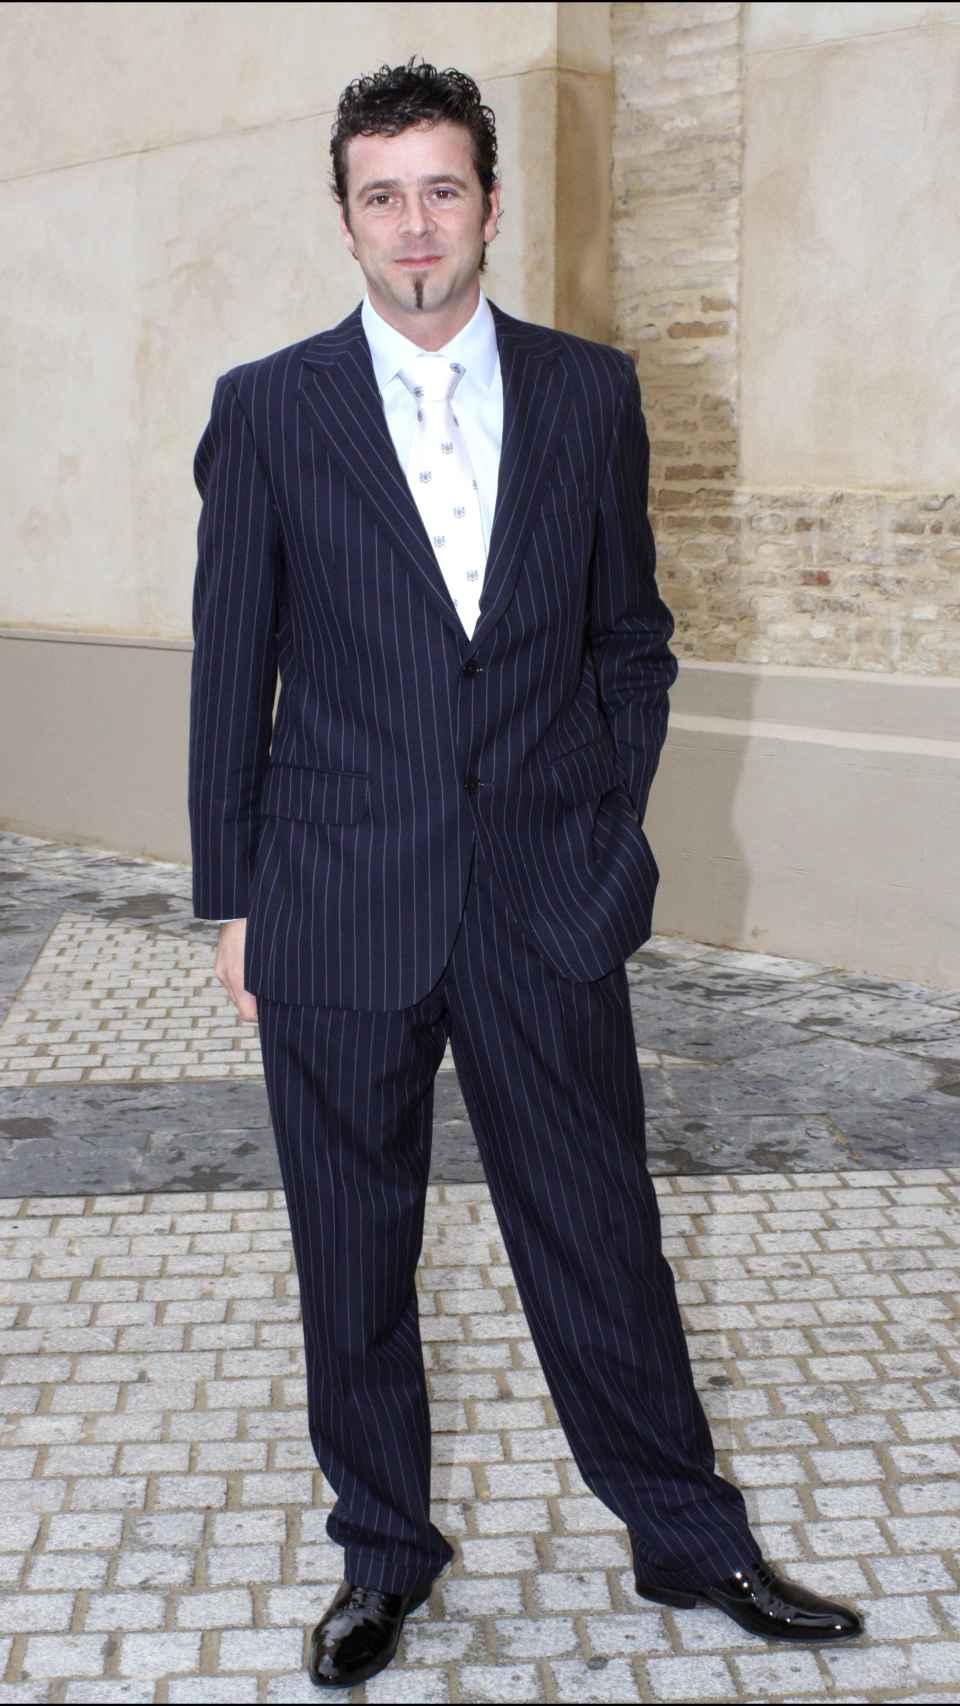 Javito en la boda de su compañera Patricia Ledesma en 2008 en Sevilla.